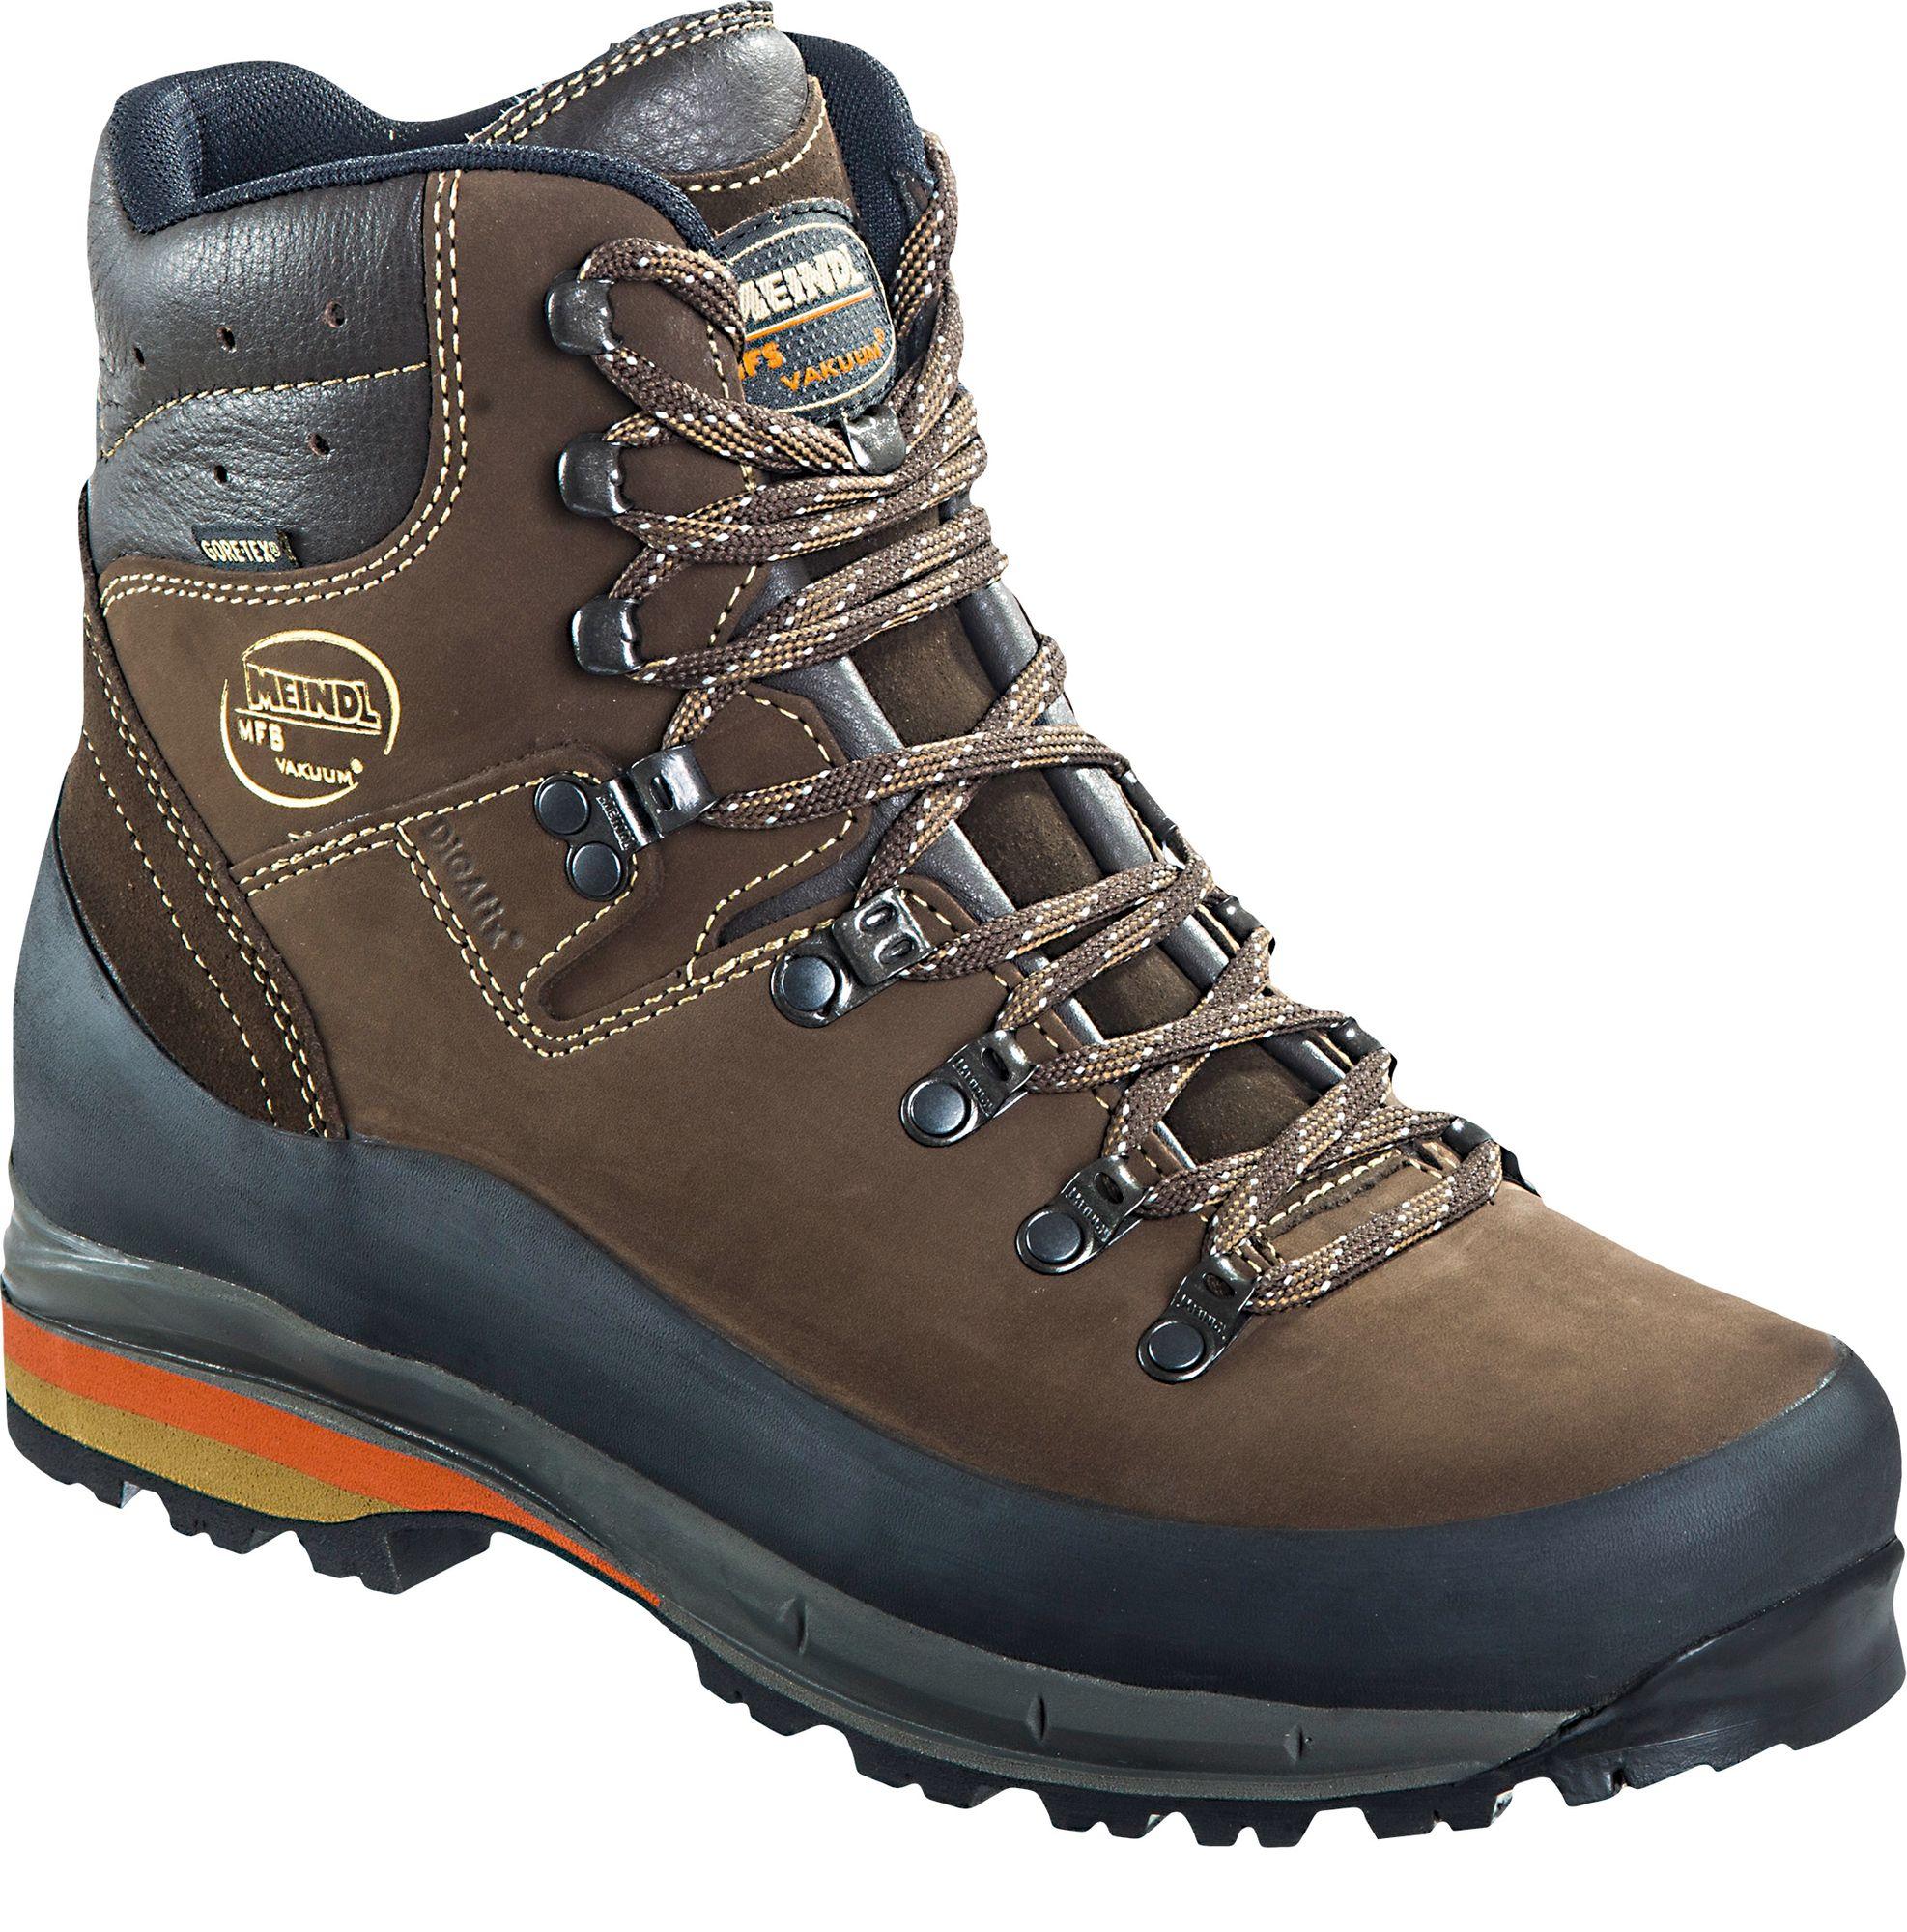 Meindl Rapide Gtx Hommes Chaussure randonnée trekking GORE TEX marron foncé taille 11 46